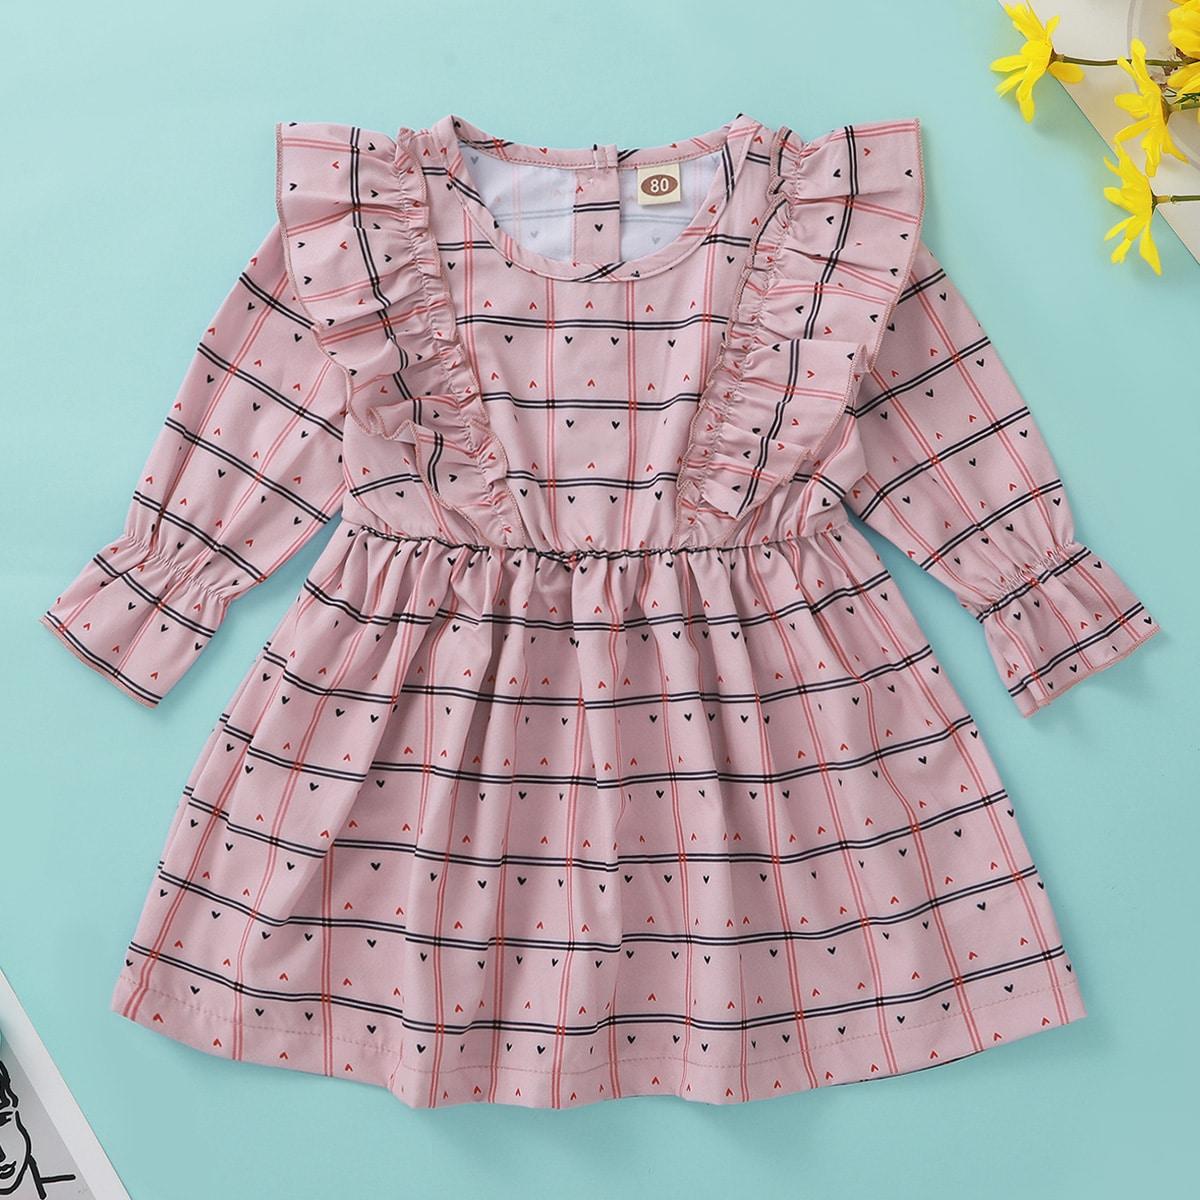 shein Casual Gevlochten Baby-jurk Rimpeling